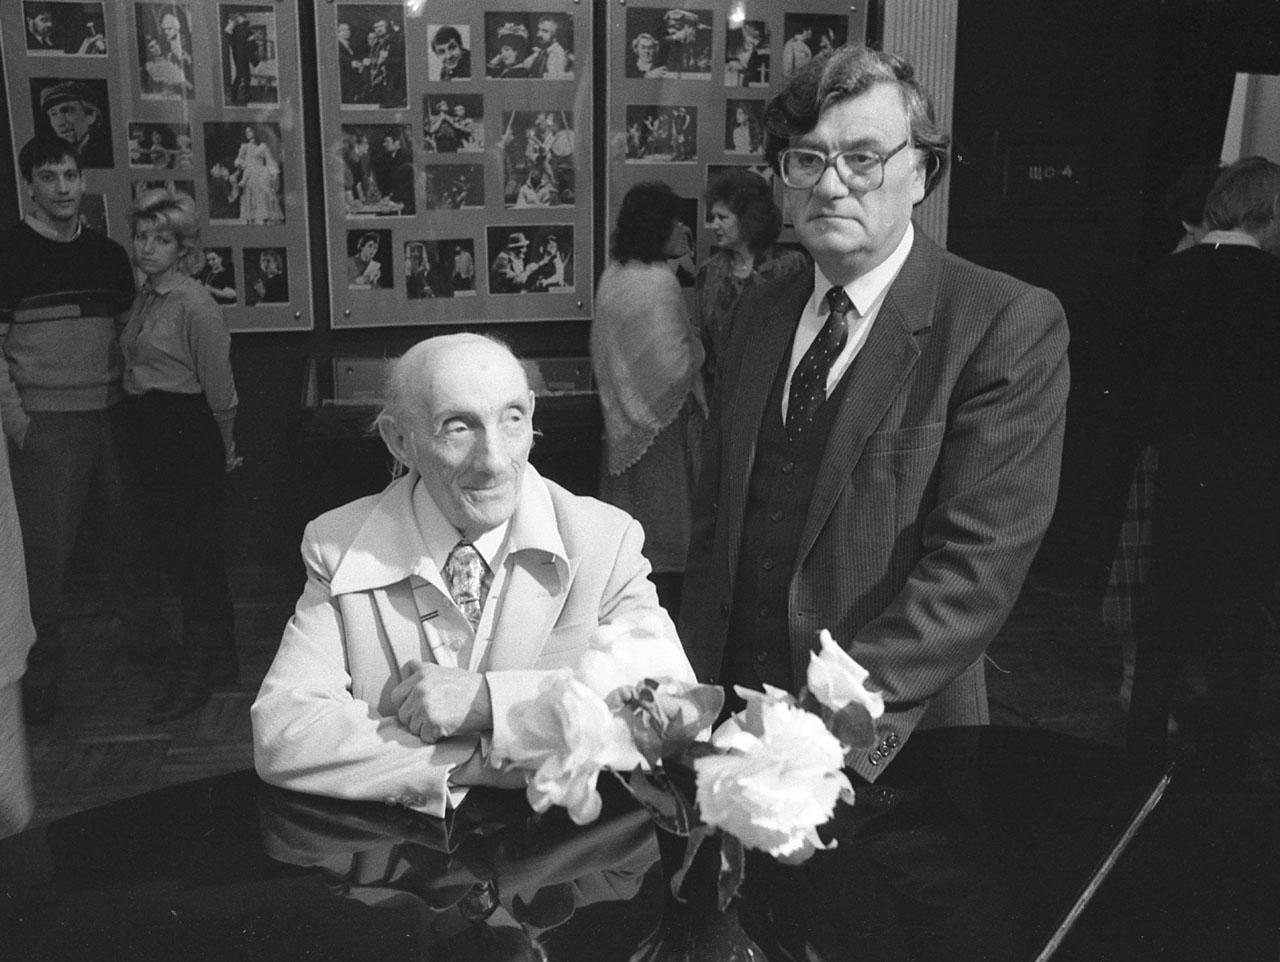 Художники Герц Шлосманис и Владимир Мягков, ноябрь 1992 года. Из архива Натальи Алексеевой.